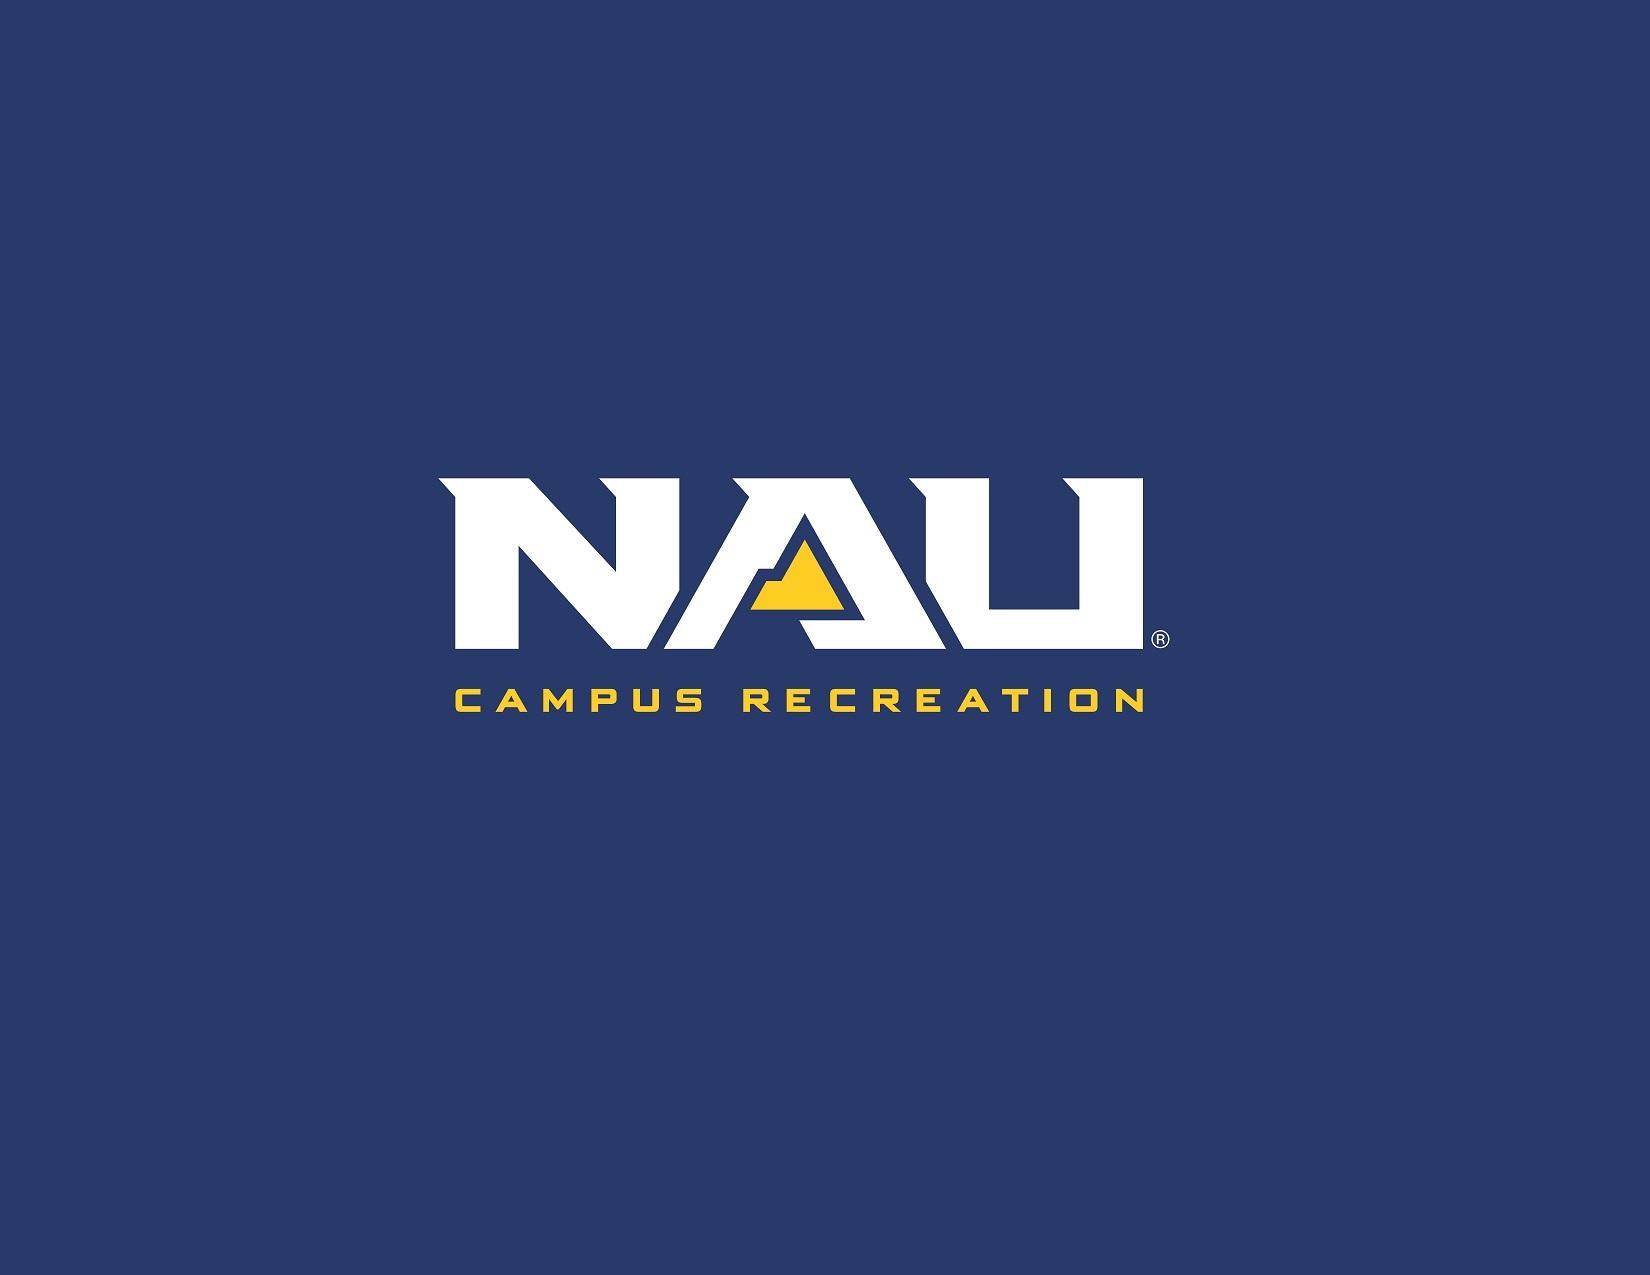 NAU_Campus Recreation_R_PMS_DBG.jpg